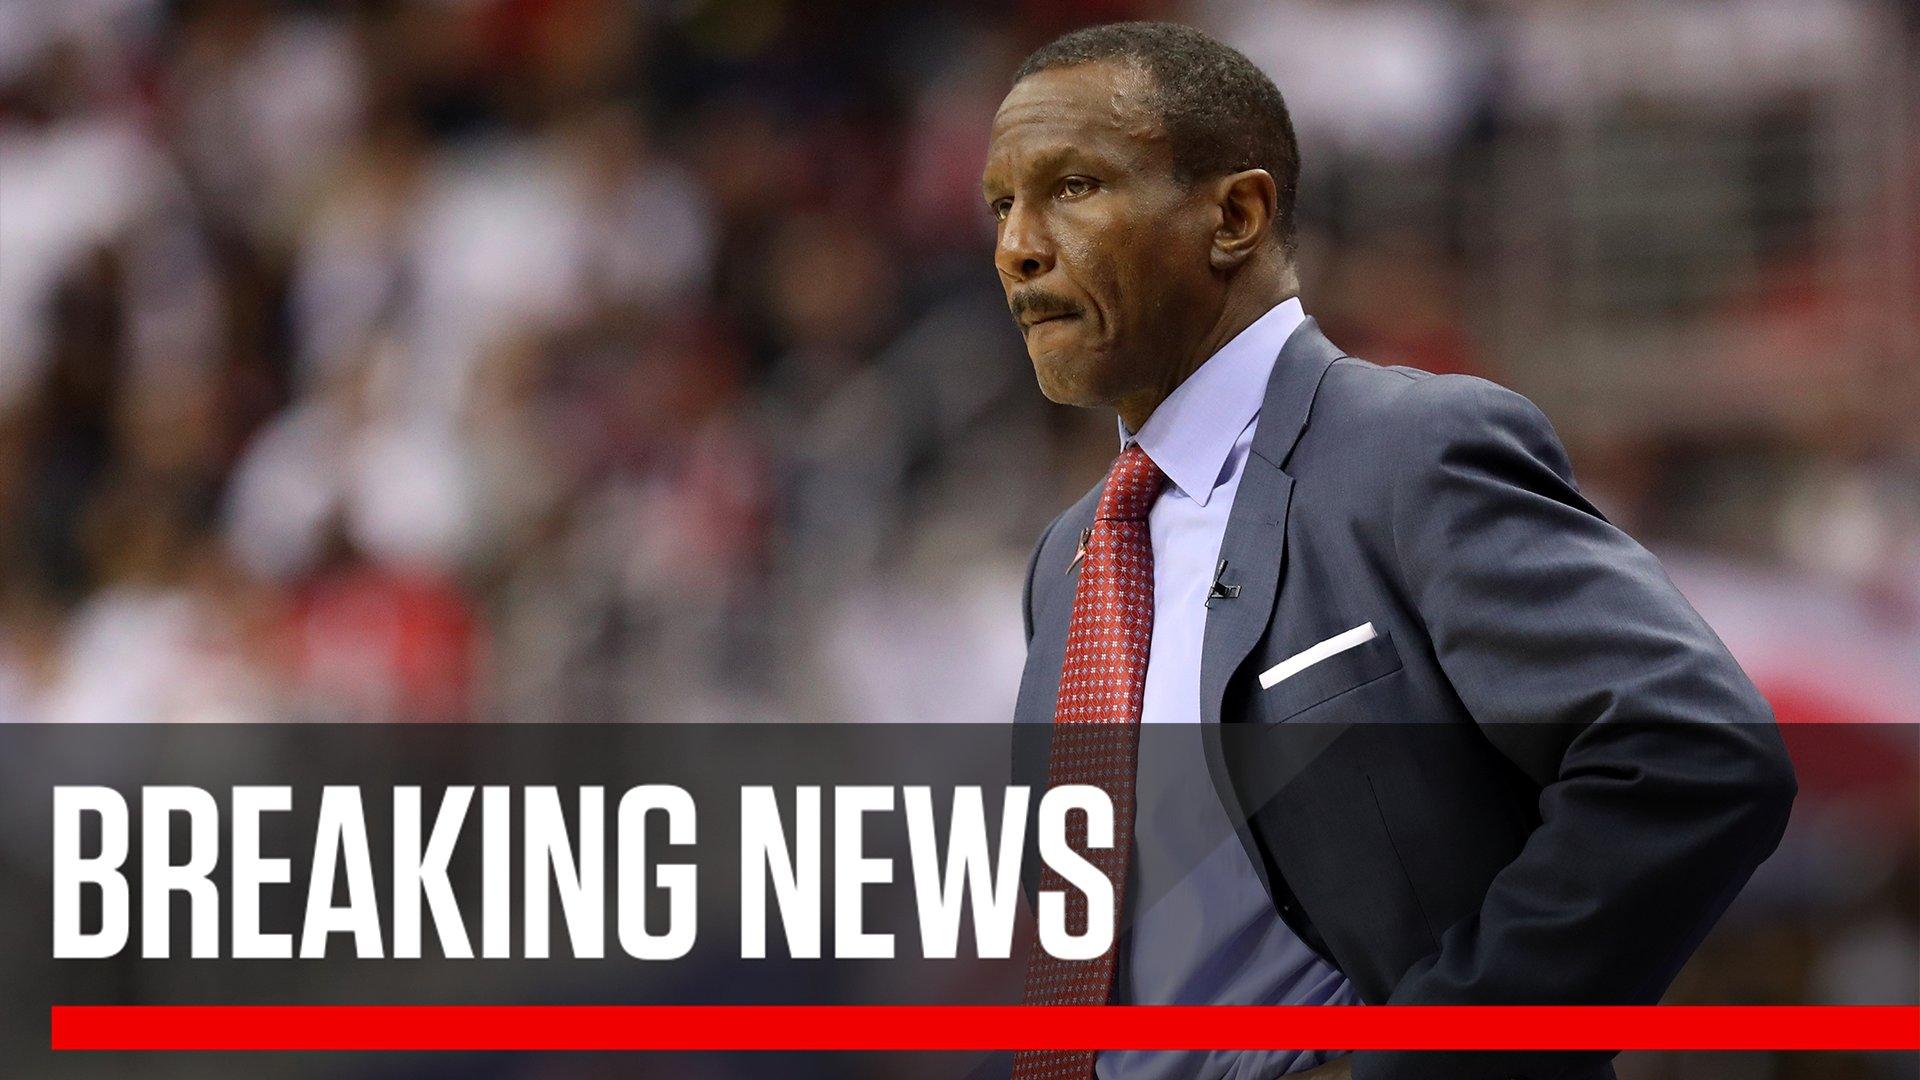 Breaking: The Toronto Raptors have fired coach Dwane Casey, a league source tells @wojespn. https://t.co/ox2eferHIn